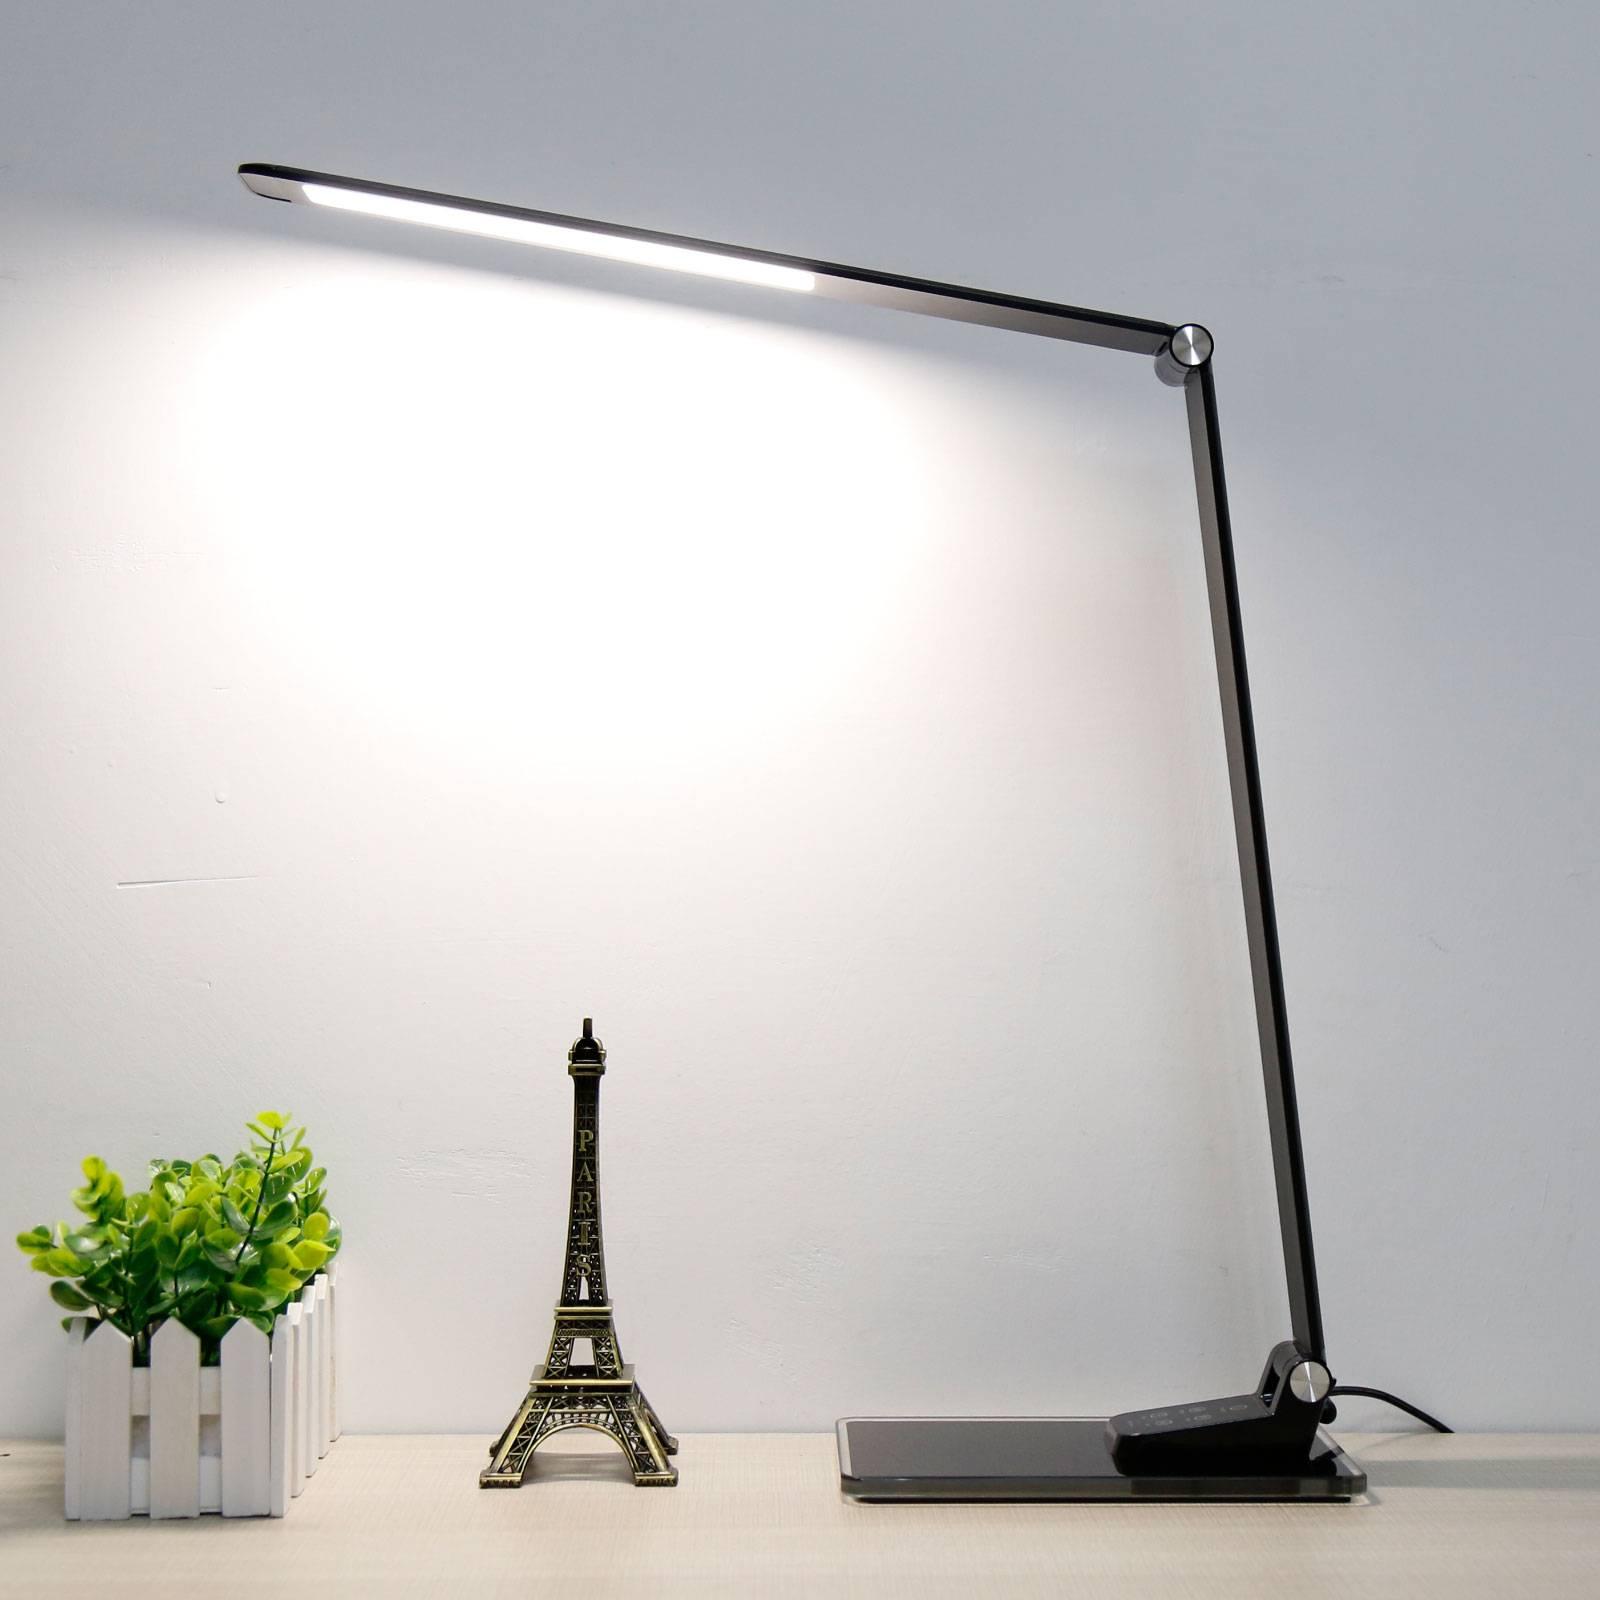 LED-työpöytälamppu Starglass lasijalustalla